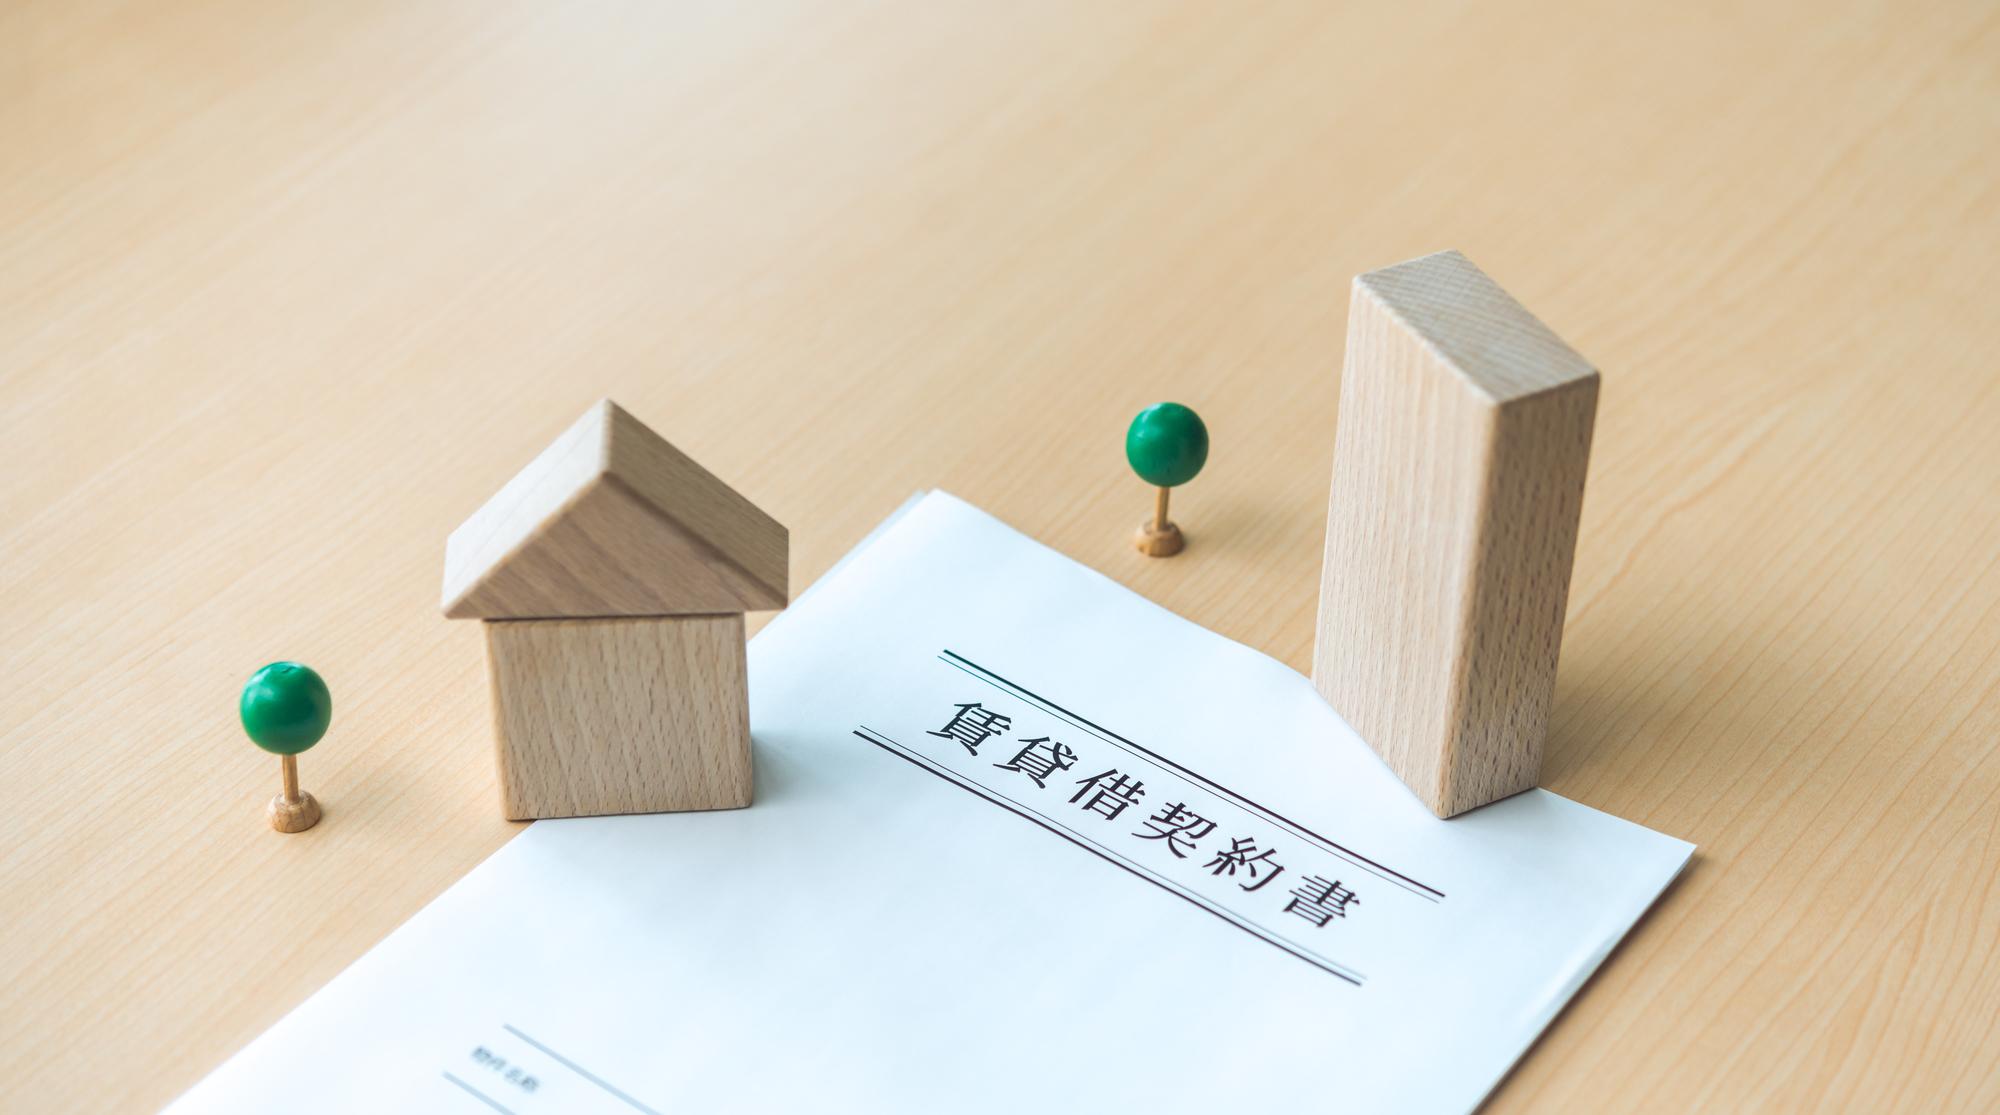 原状回復のガイドラインを理解して賃貸物件のトラブルを防ぐ!